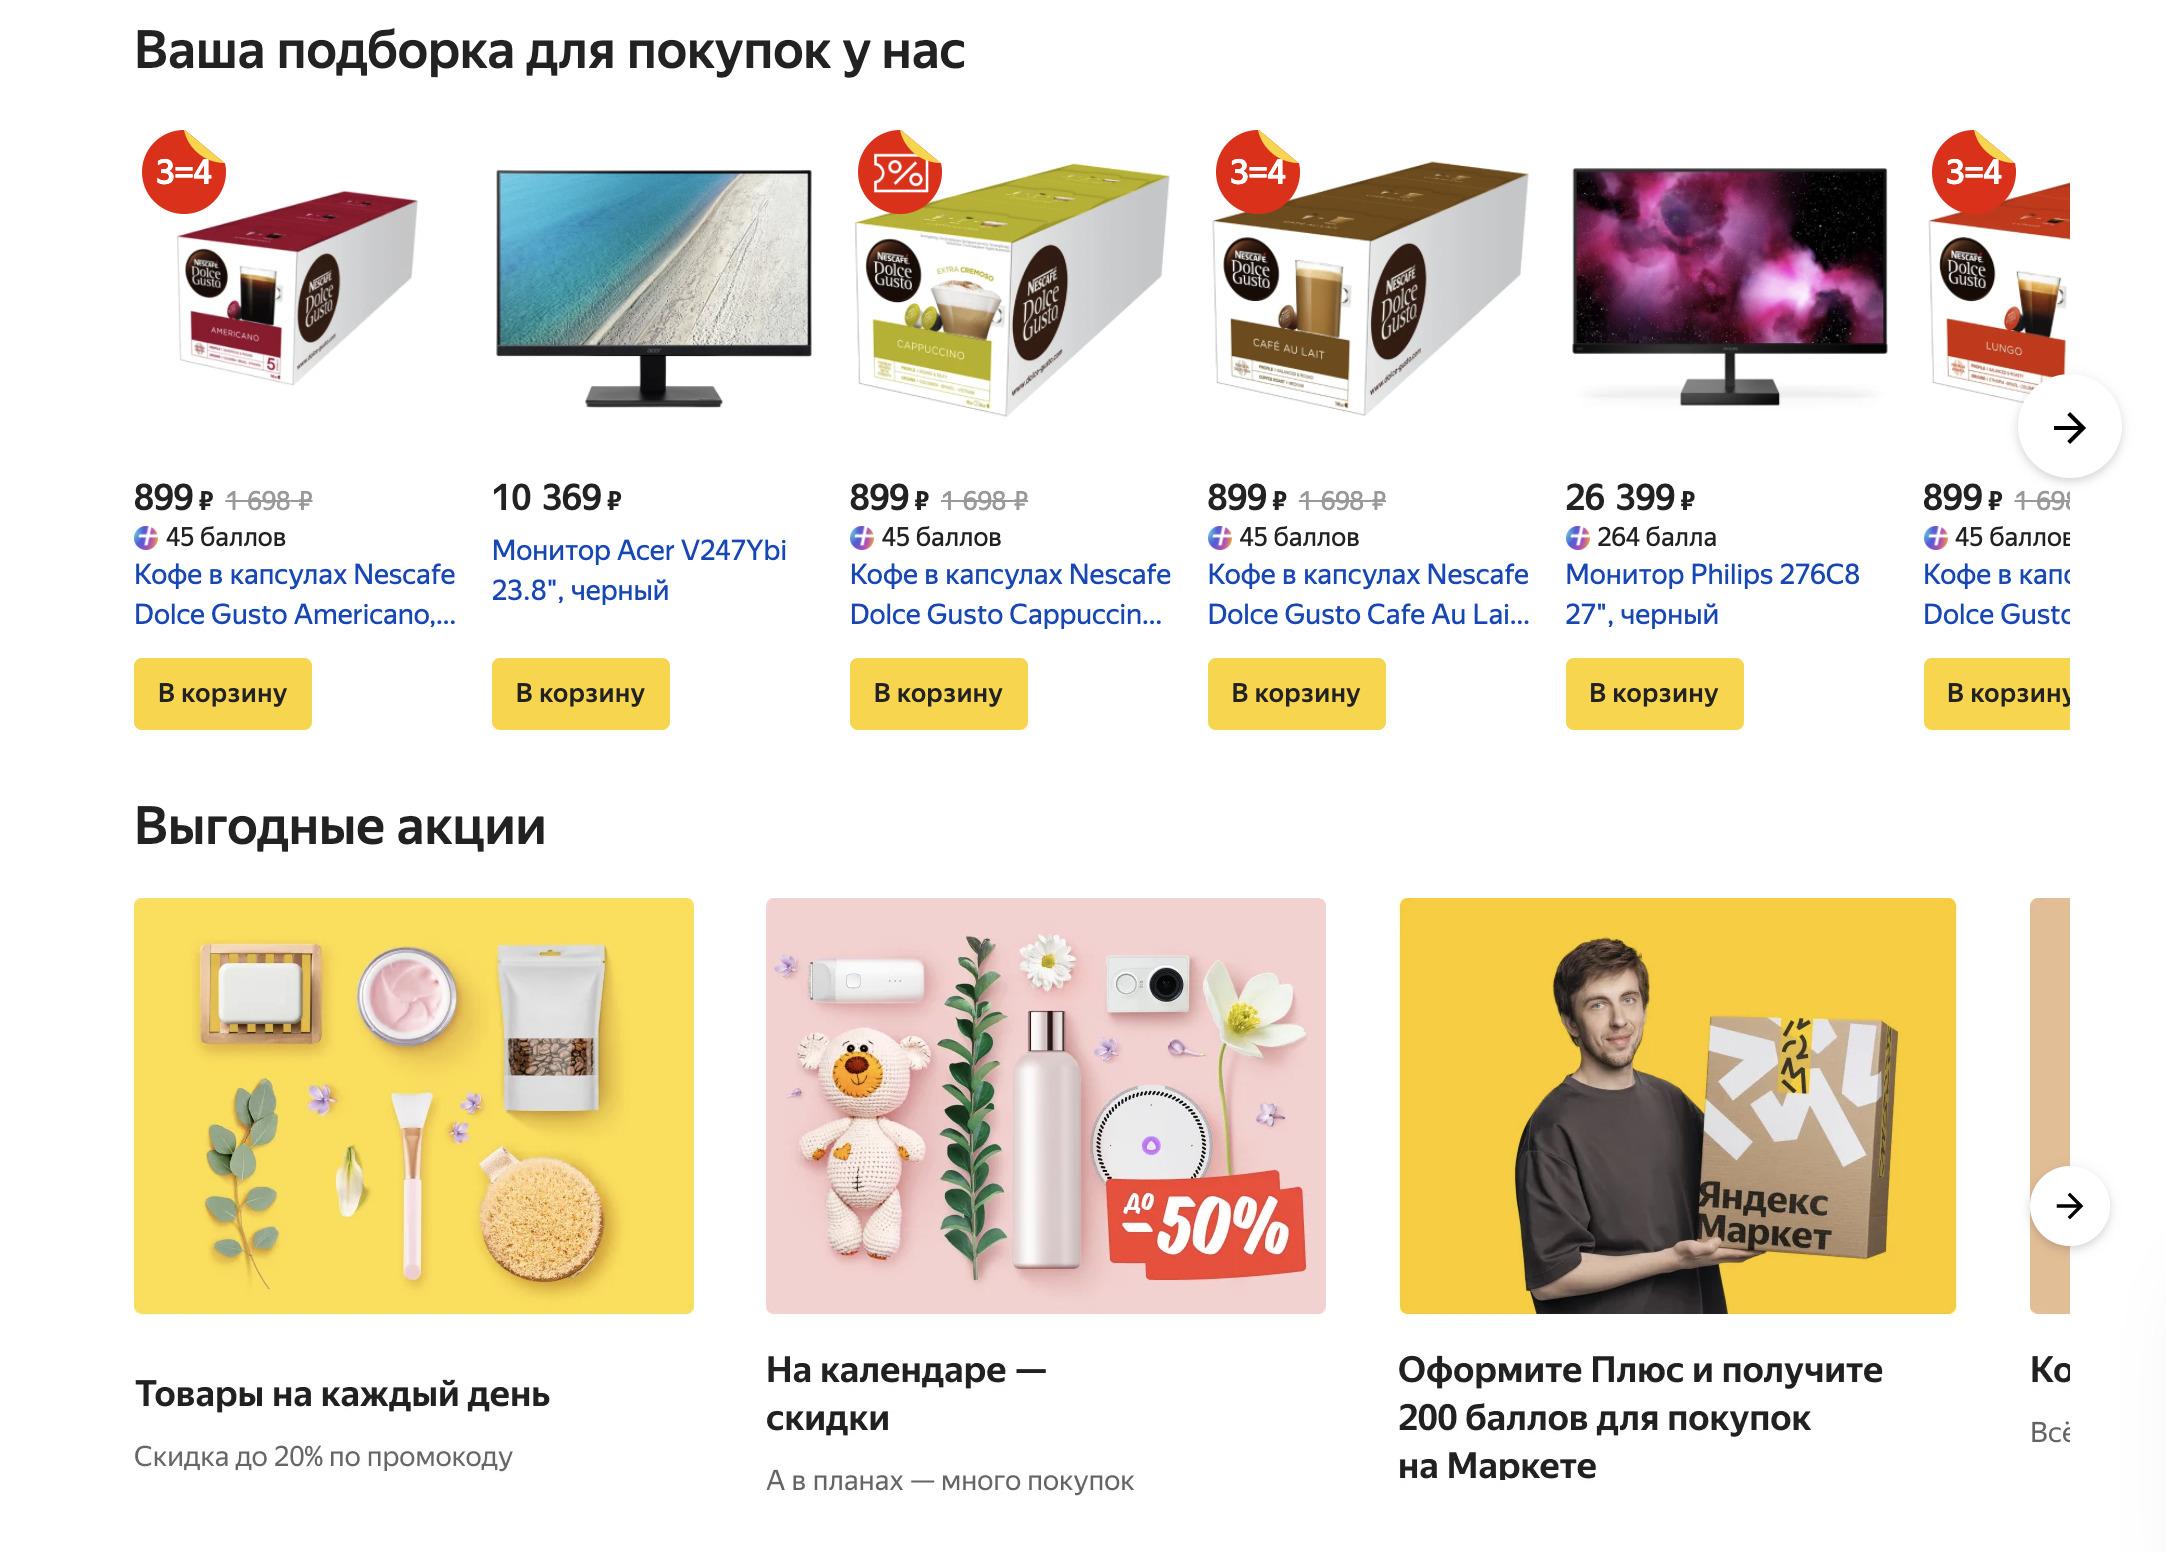 Доставка из Яндекс.Маркет в Артем, сроки, пункты выдачи, каталог